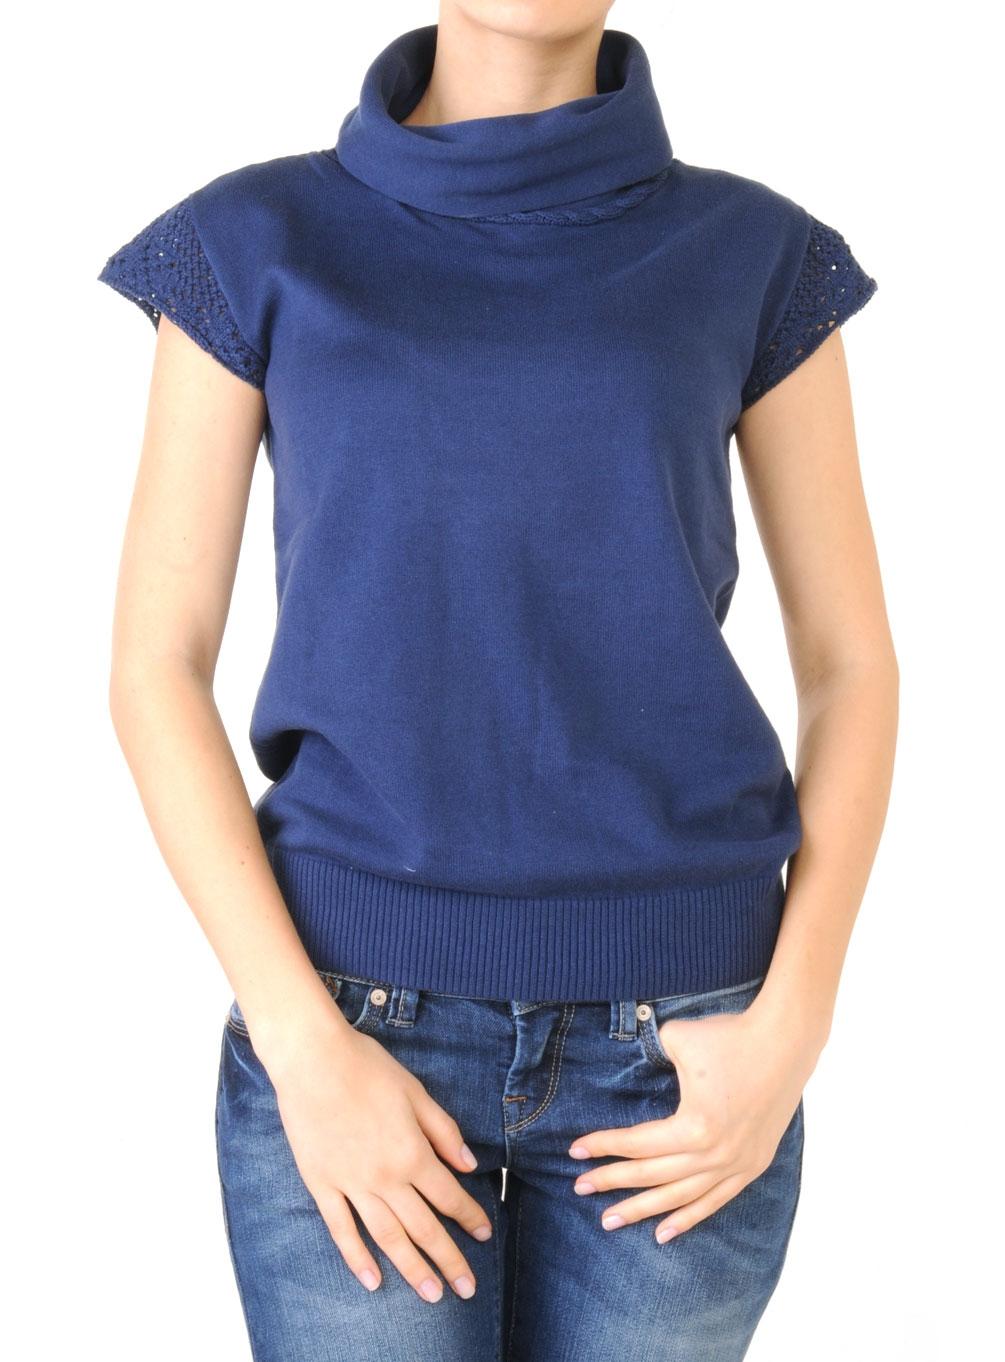 Kısa Kollu Boğazlı Bayan Mavi Kazak Modeli